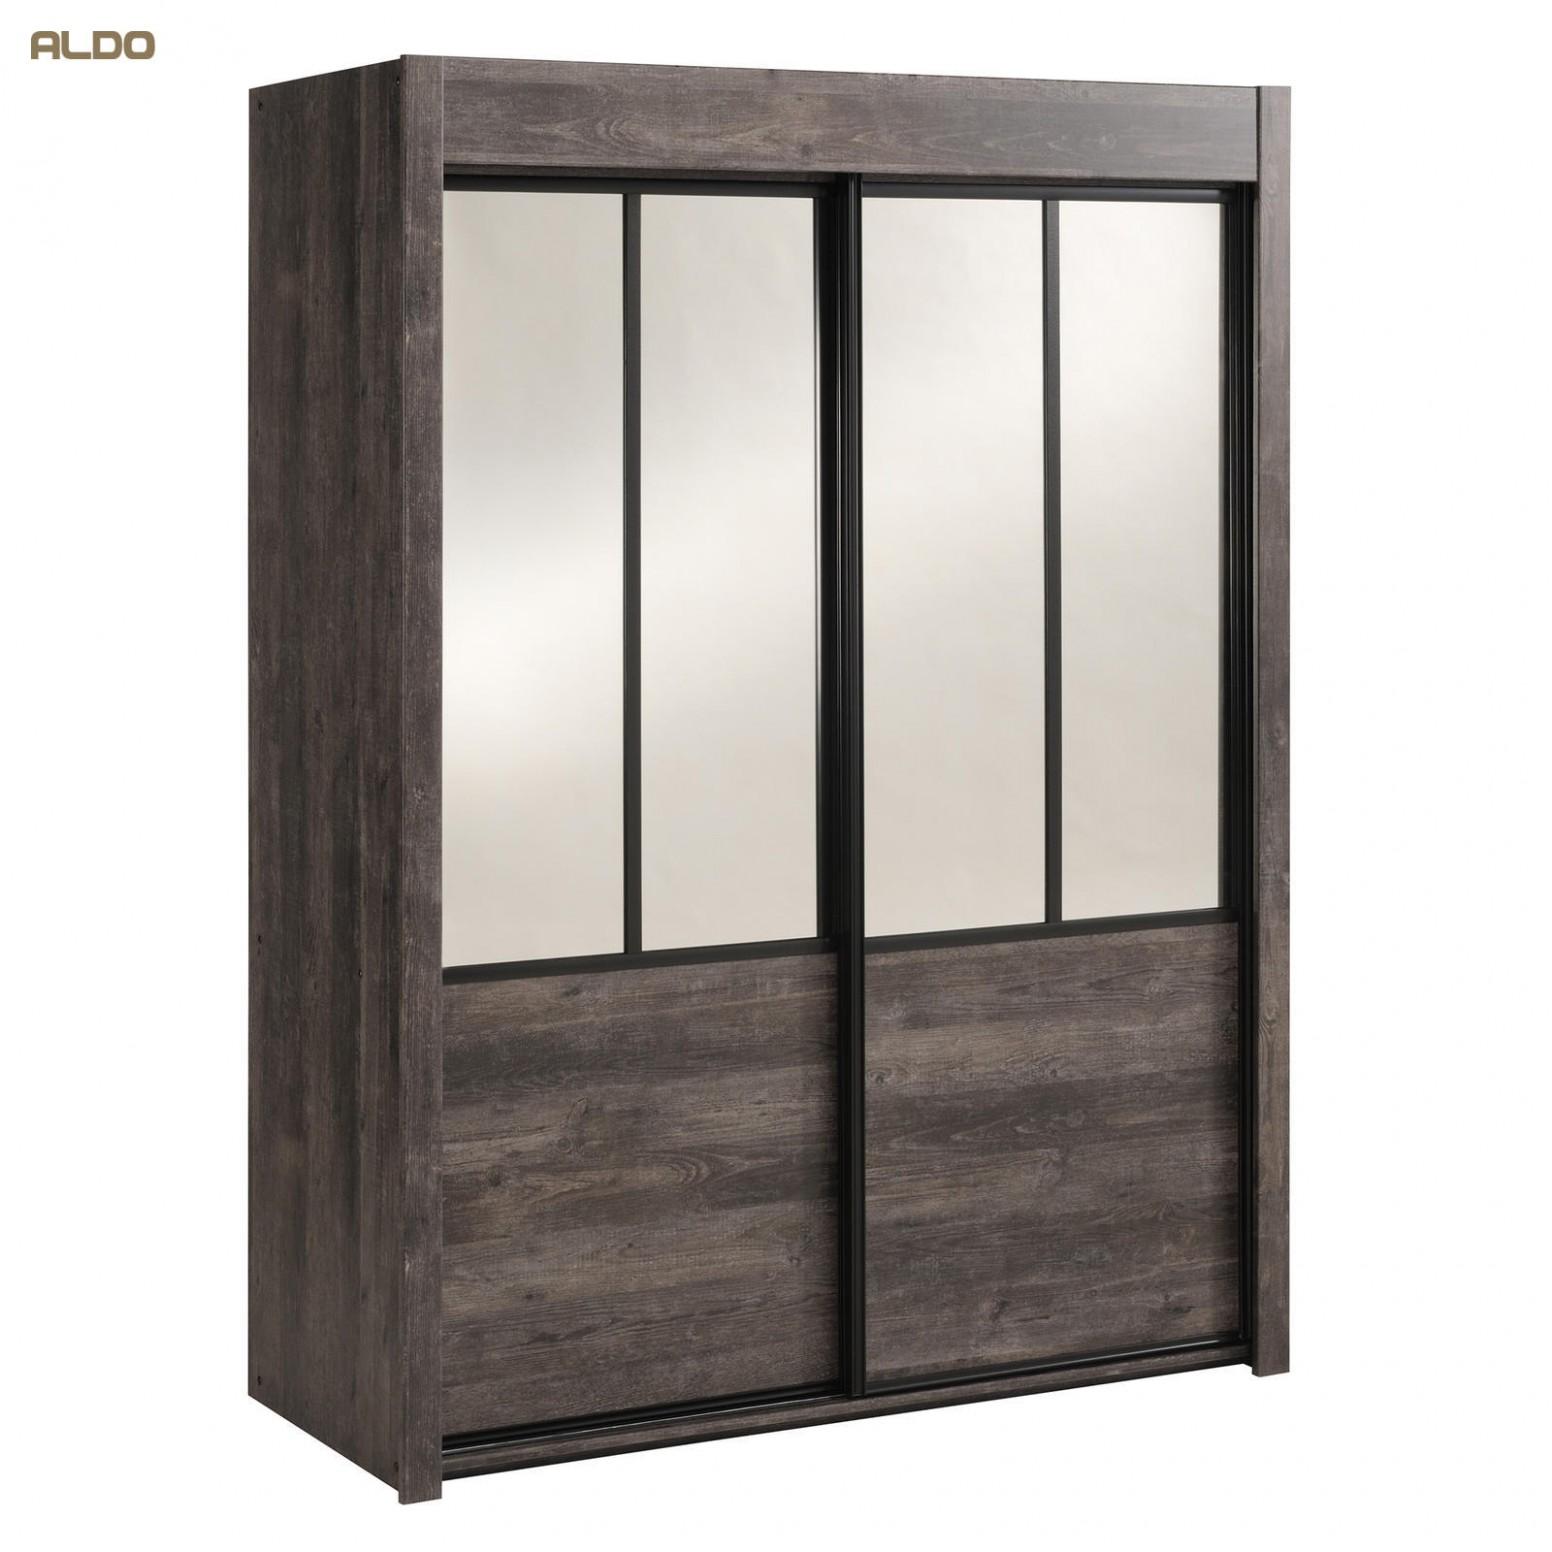 Šatní skříň s posuvnými dveřmi a zrcadly Belleville | Nábytek Aldo